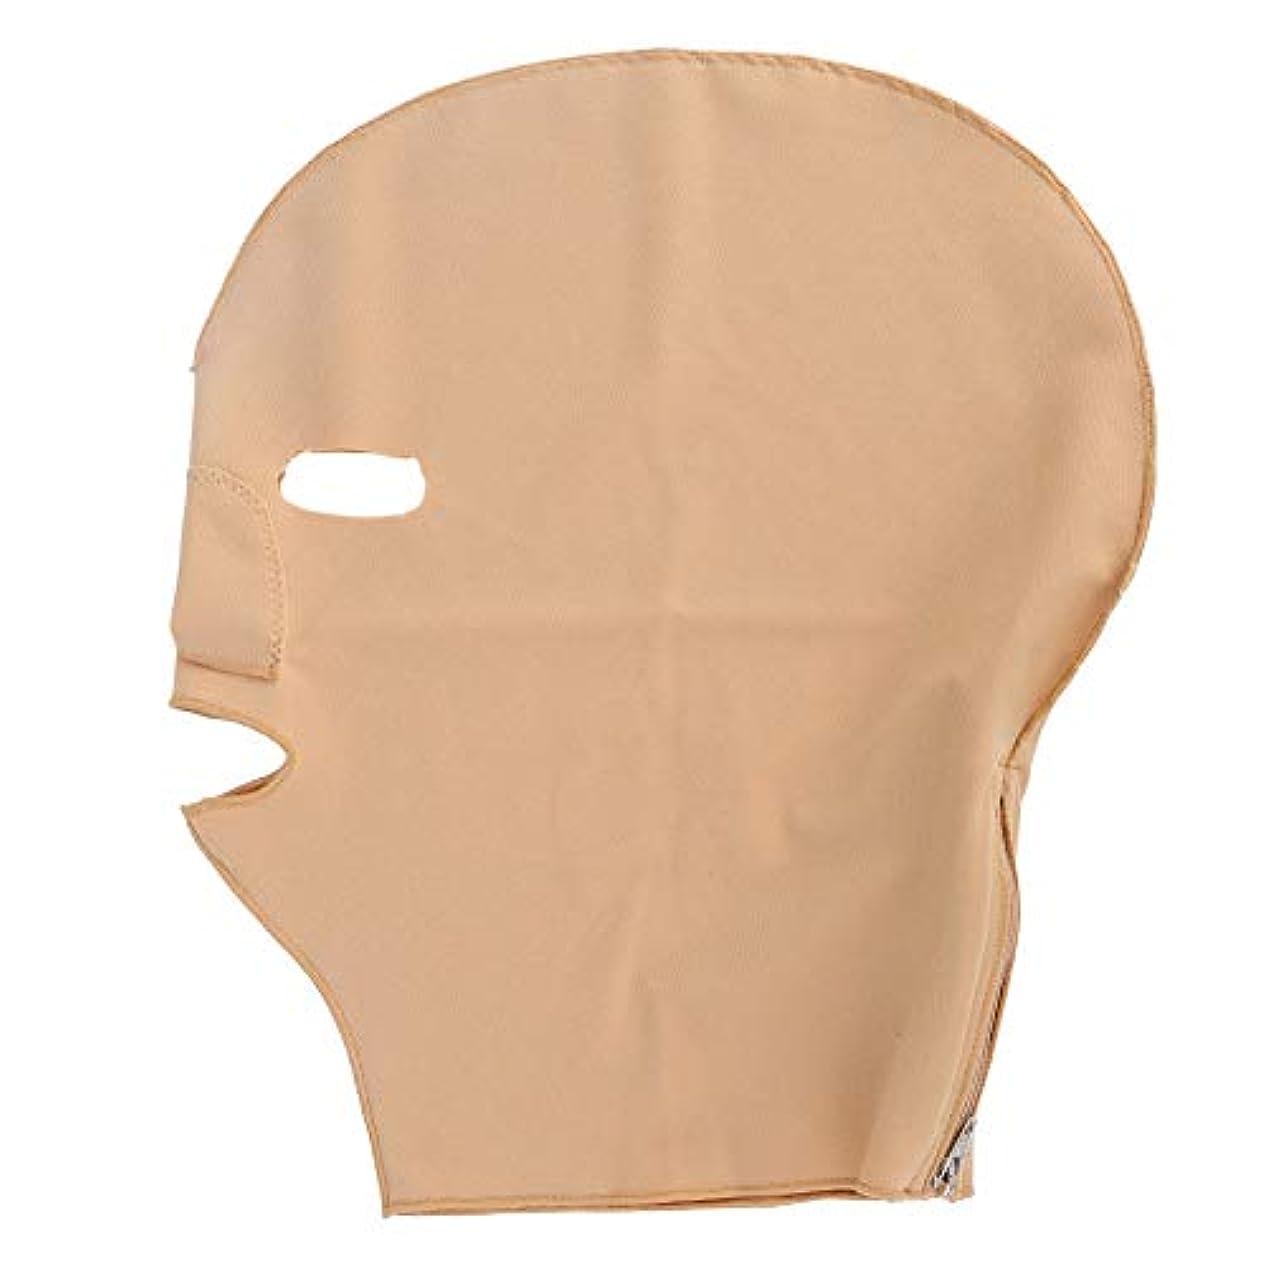 魅惑的なおんどり法的V字型スリーピングフェイスリフティングマスク、アンチエイジングのためのチークファーミングタイトラップ美容ストラップ(L)